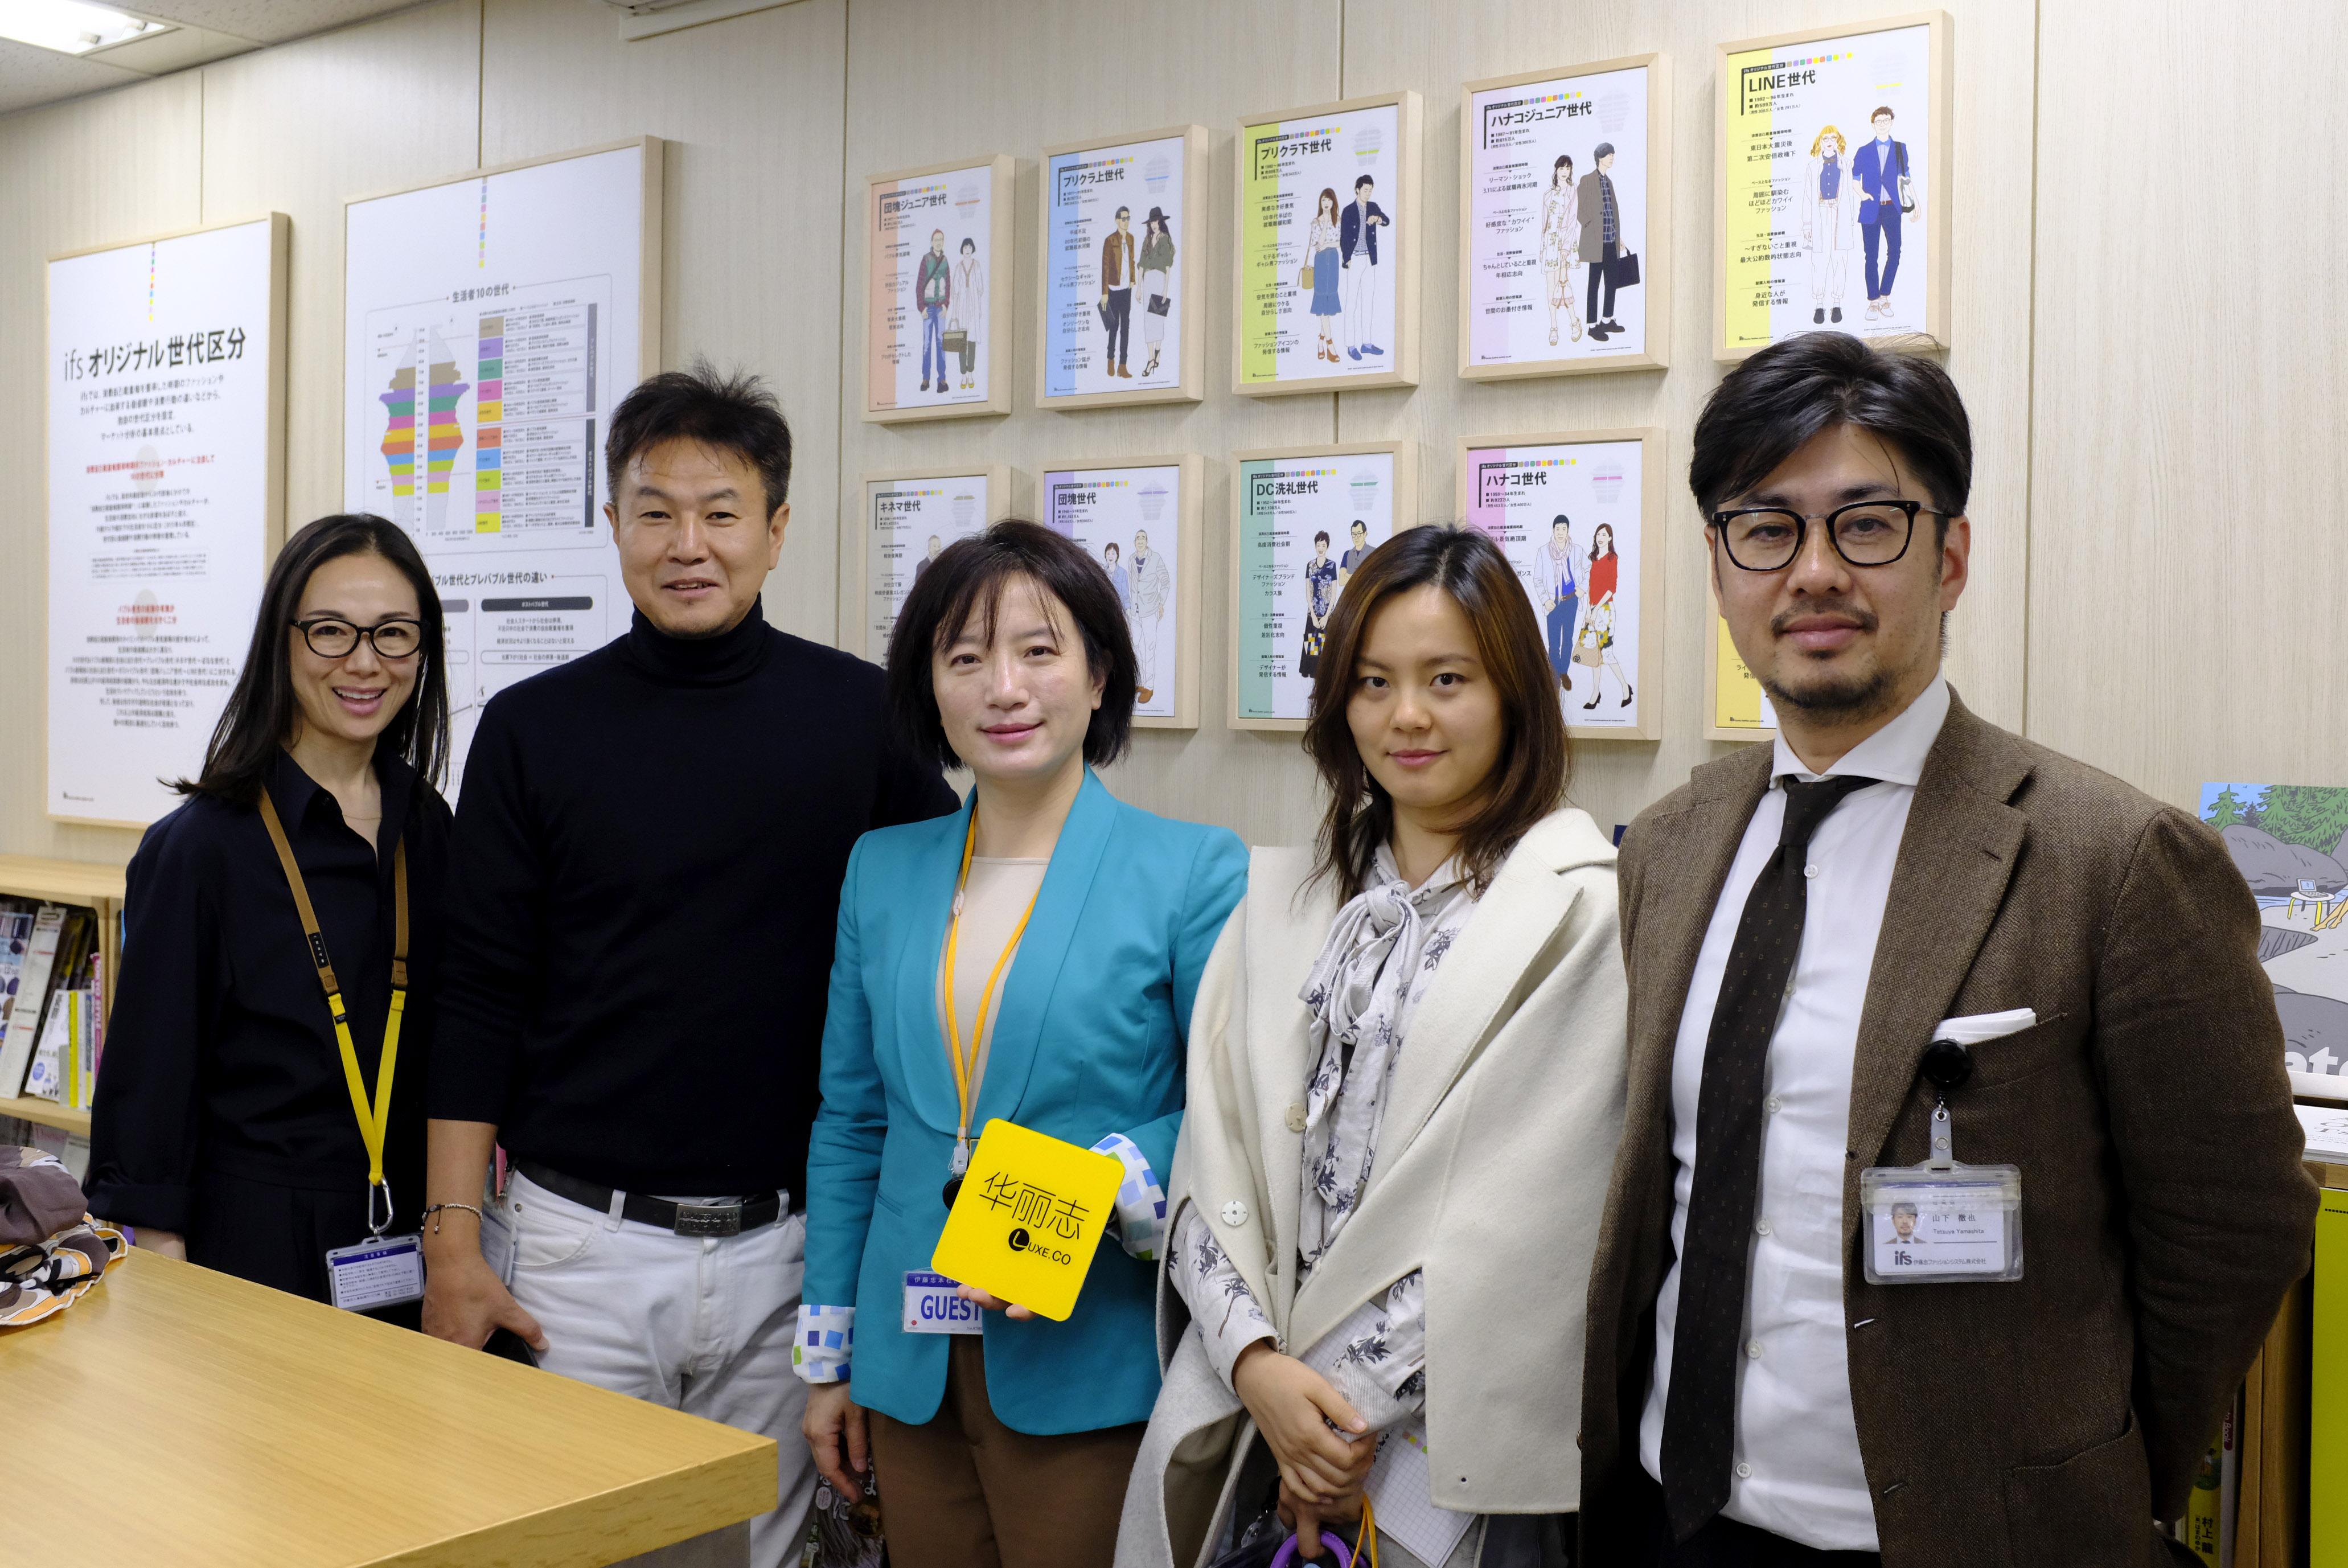 从四家代表性企业,透视日本时尚产业链的最新动向 华丽志日本行图文实录之一